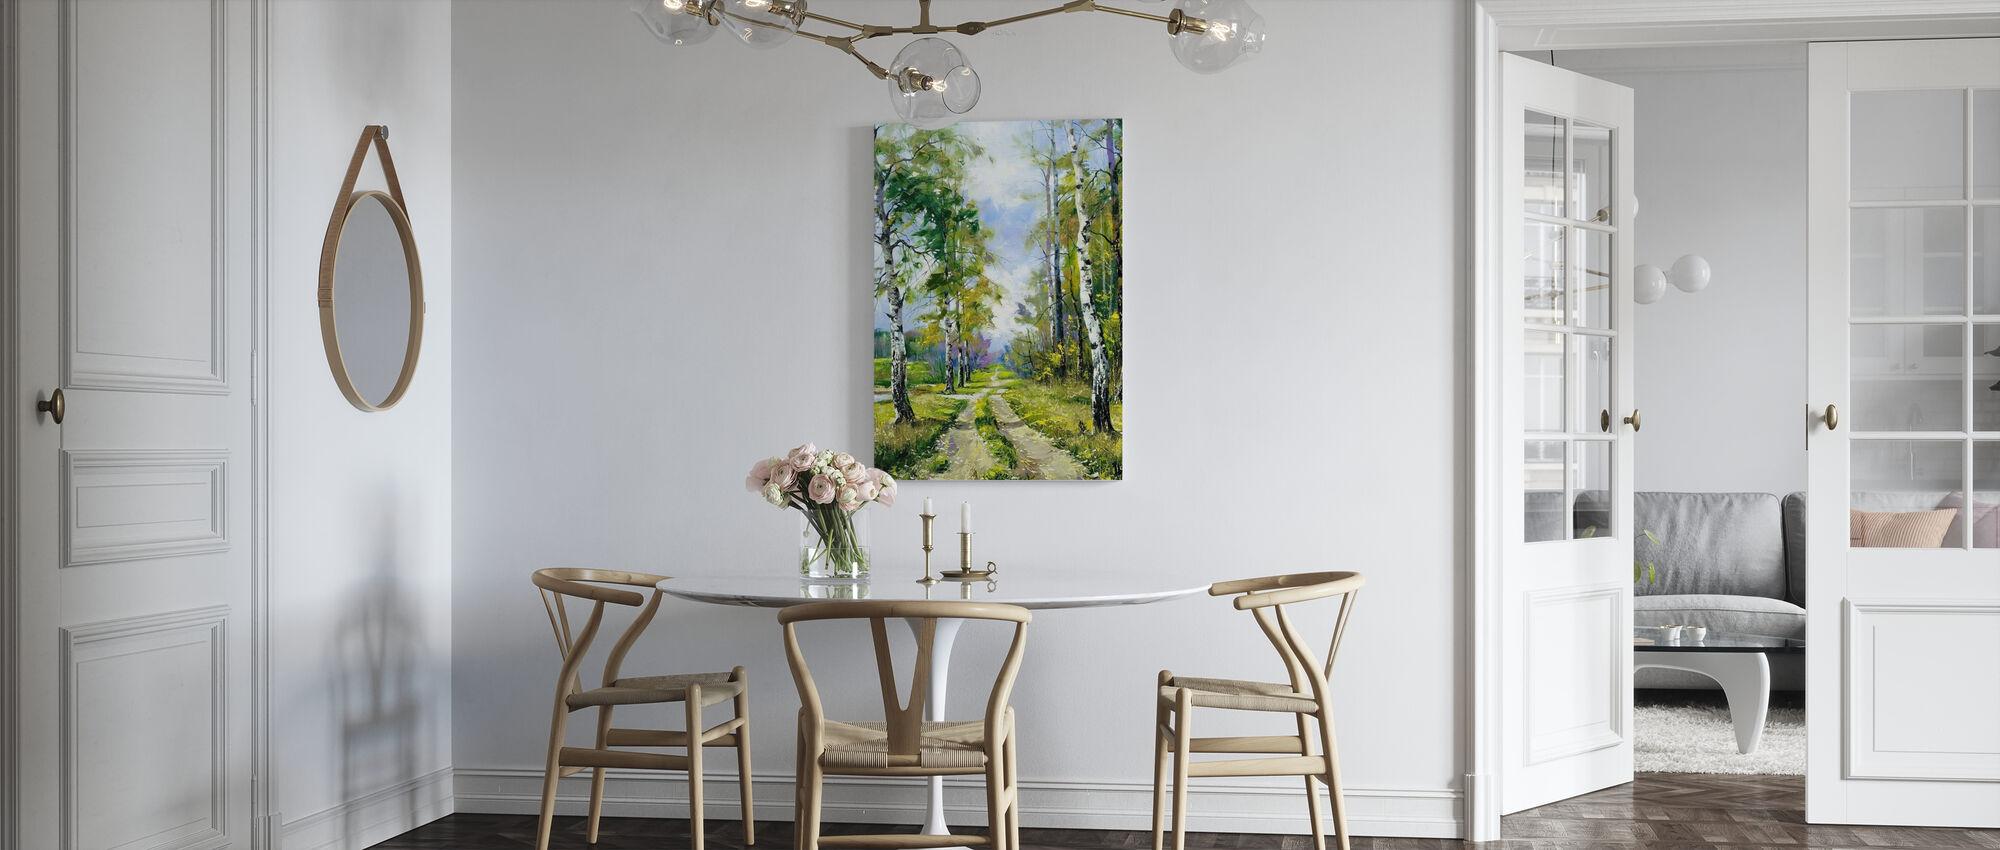 Ścieżka brzozowa - Obraz na płótnie - Kuchnia